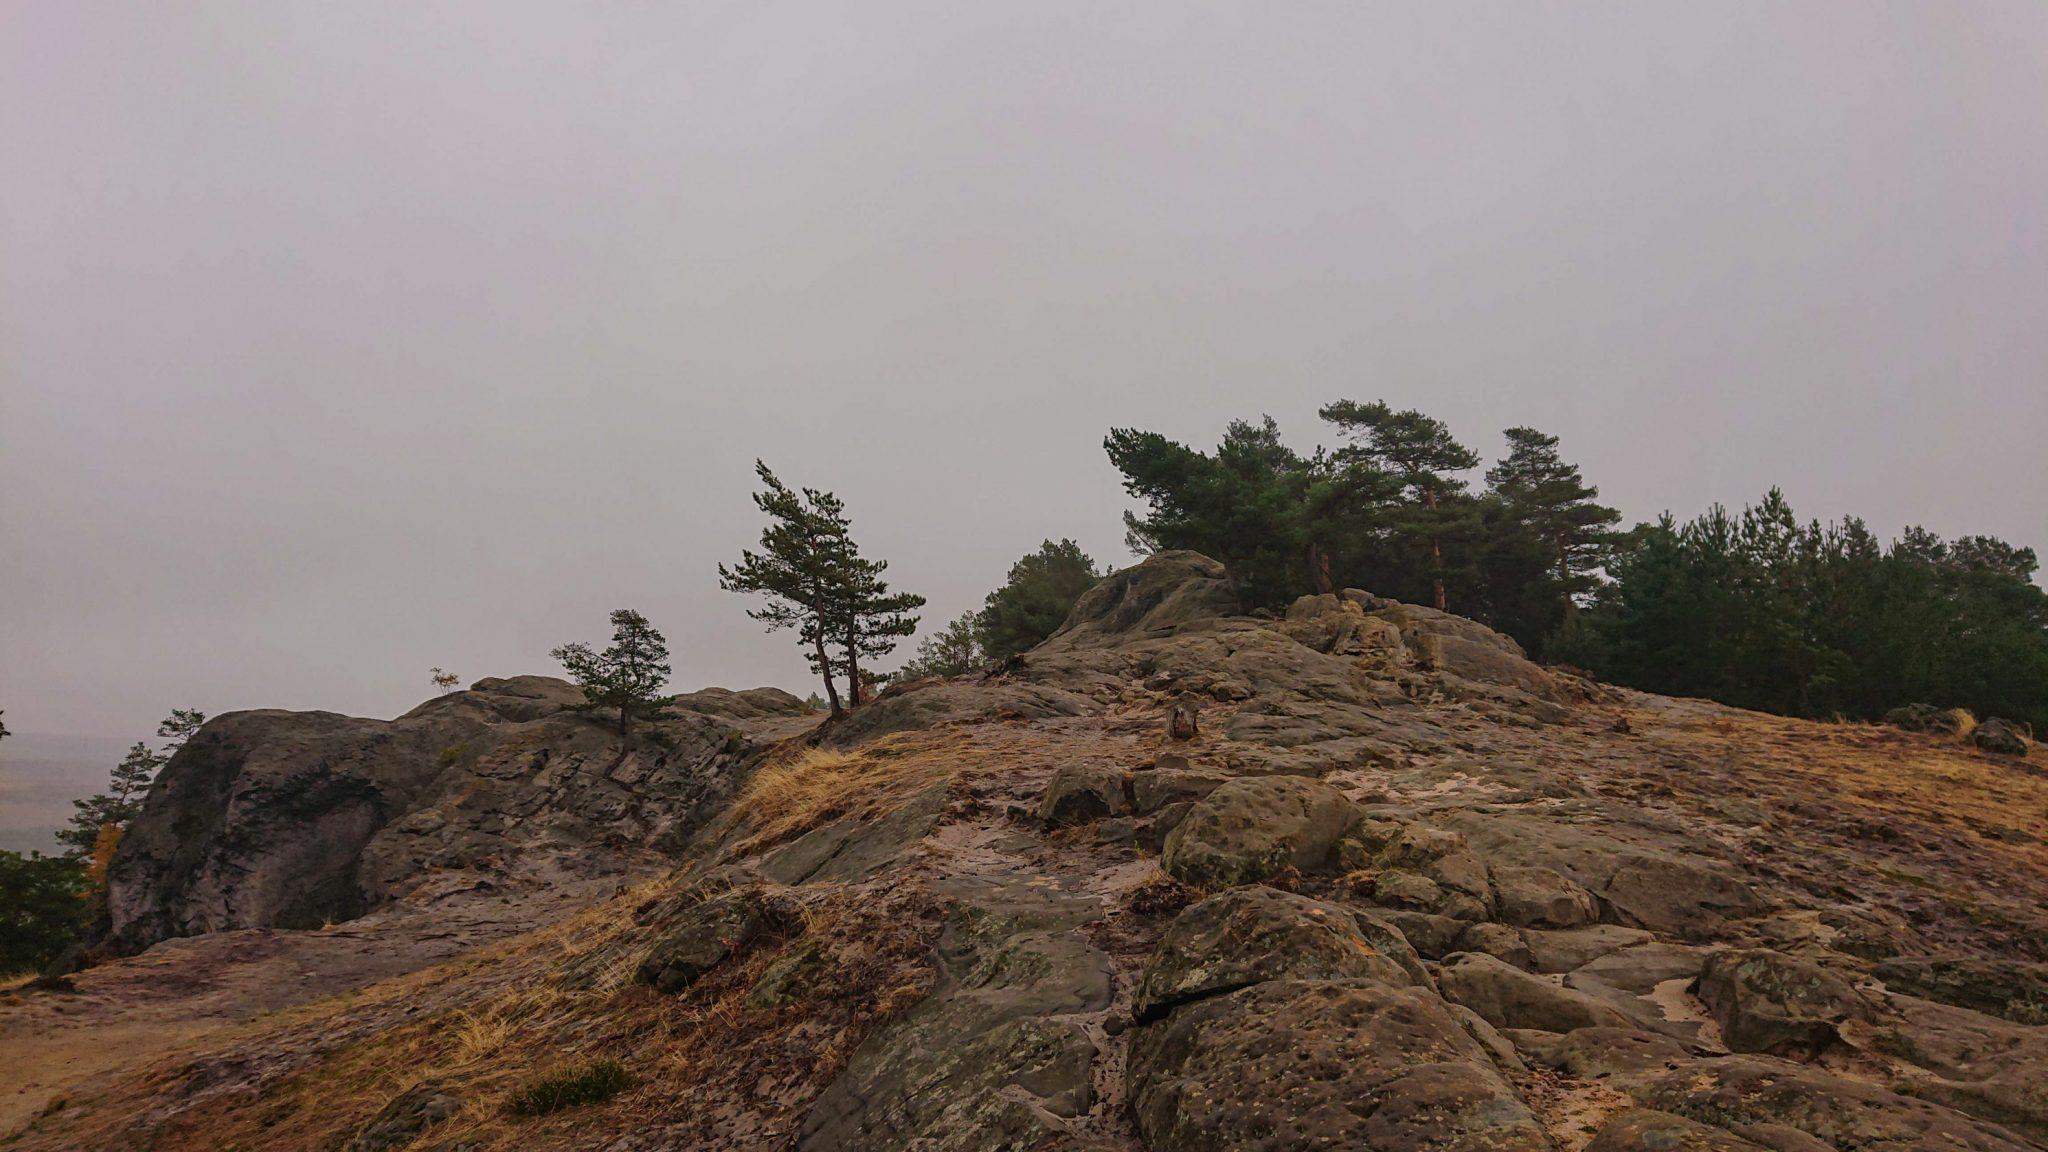 Rundwanderung auf der Blankenburger Teufelsmauer, Felsformation, wolkig und nieseliges Wetter, Beginn des Wanderwegs Blankenburger Teufelsmauer